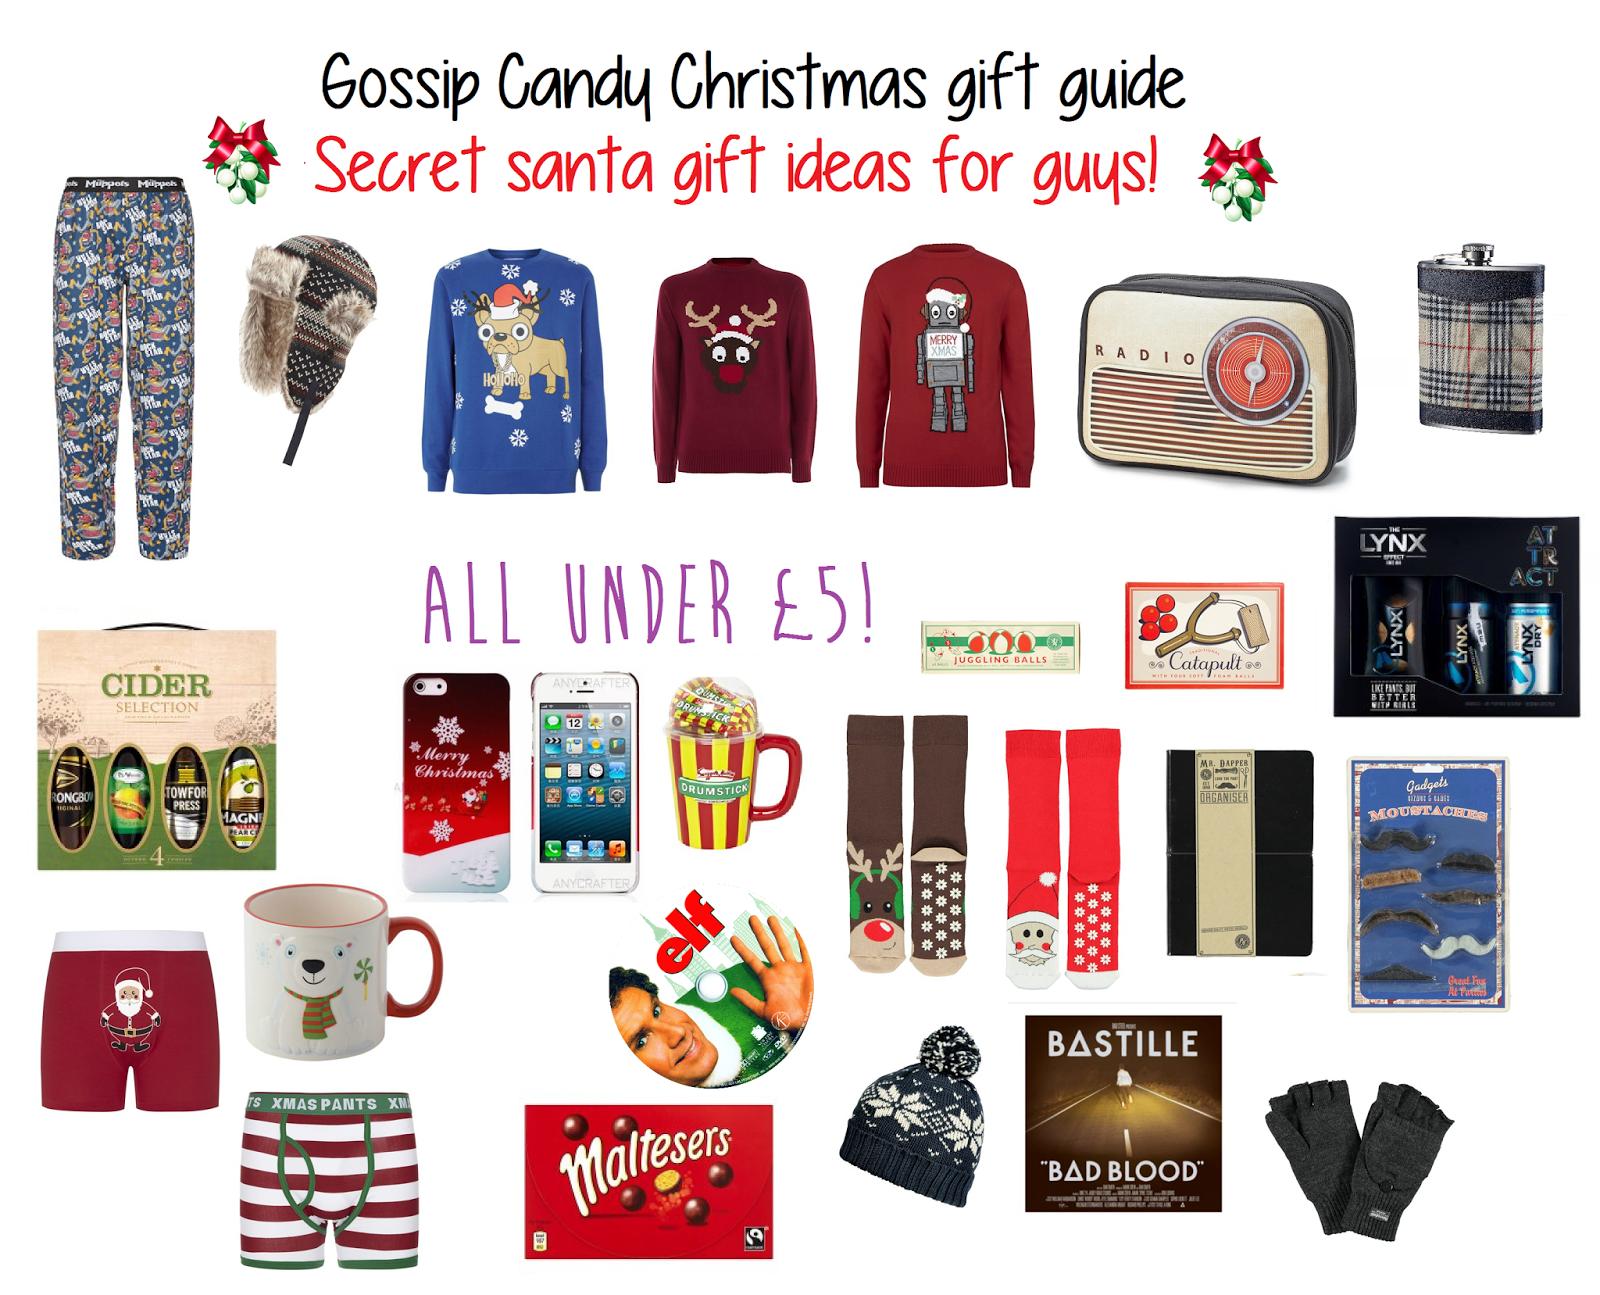 Our Christmas gift guide #2 - Secret Santa gift ideas for guys! ☃